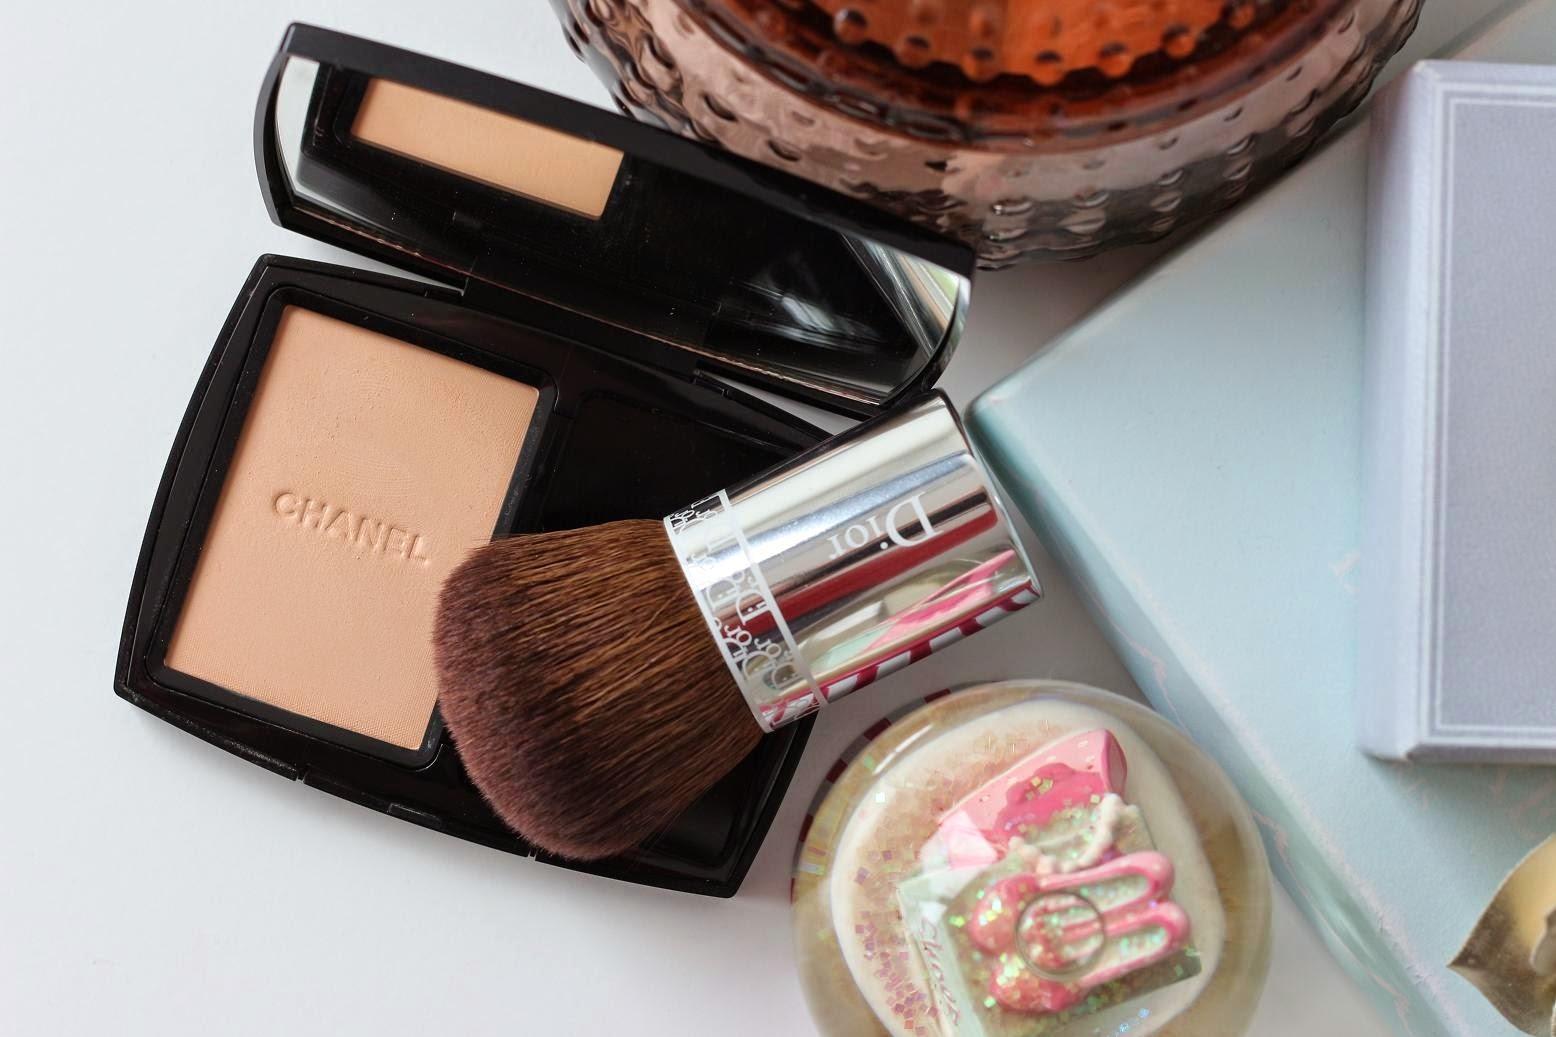 Chanel Vitalumière Compact Douceur